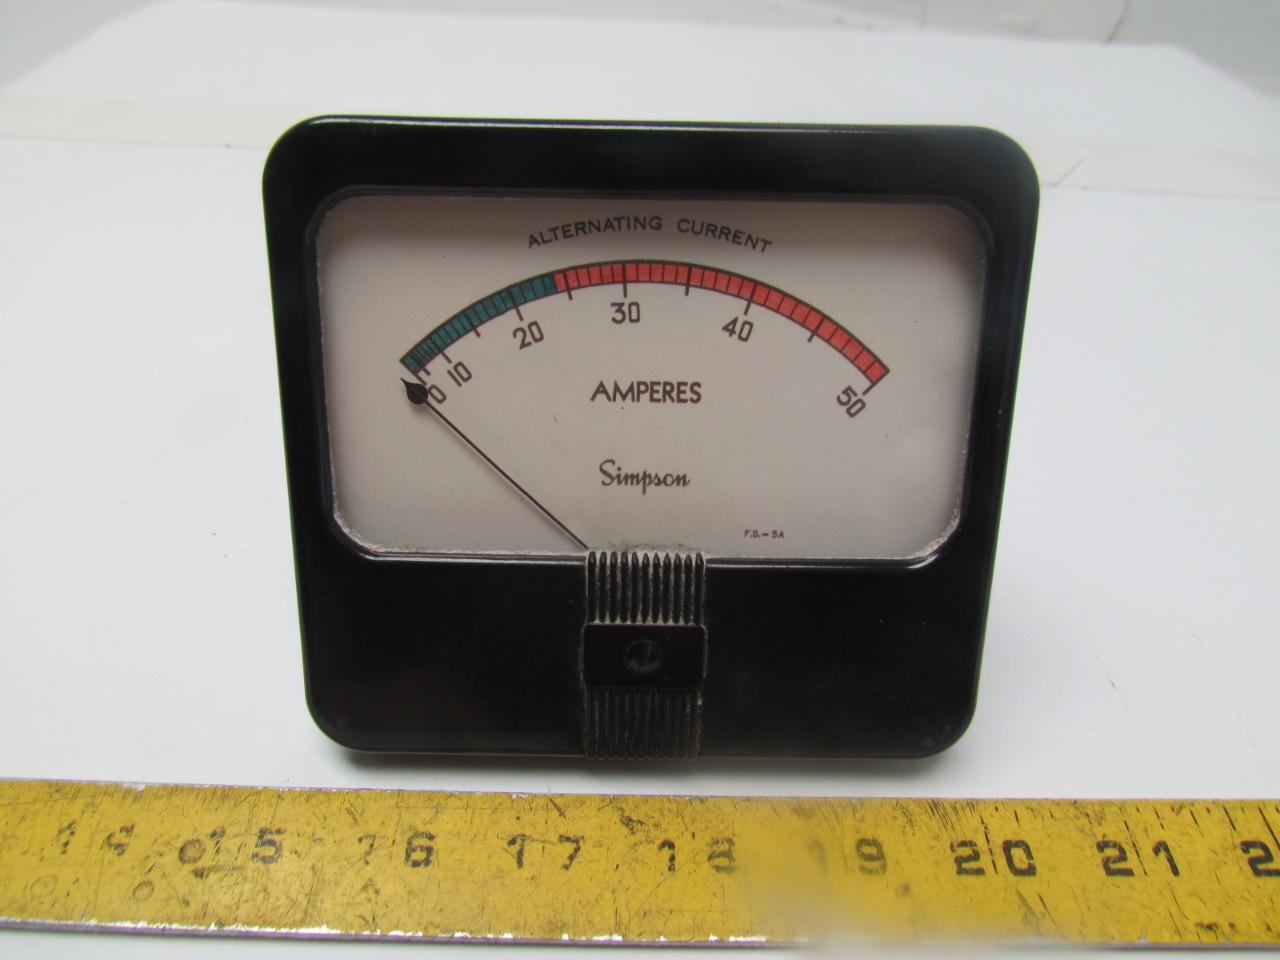 Analog Ac Amp Meter : Simpson amp meter analog panel mount ac ampers ebay